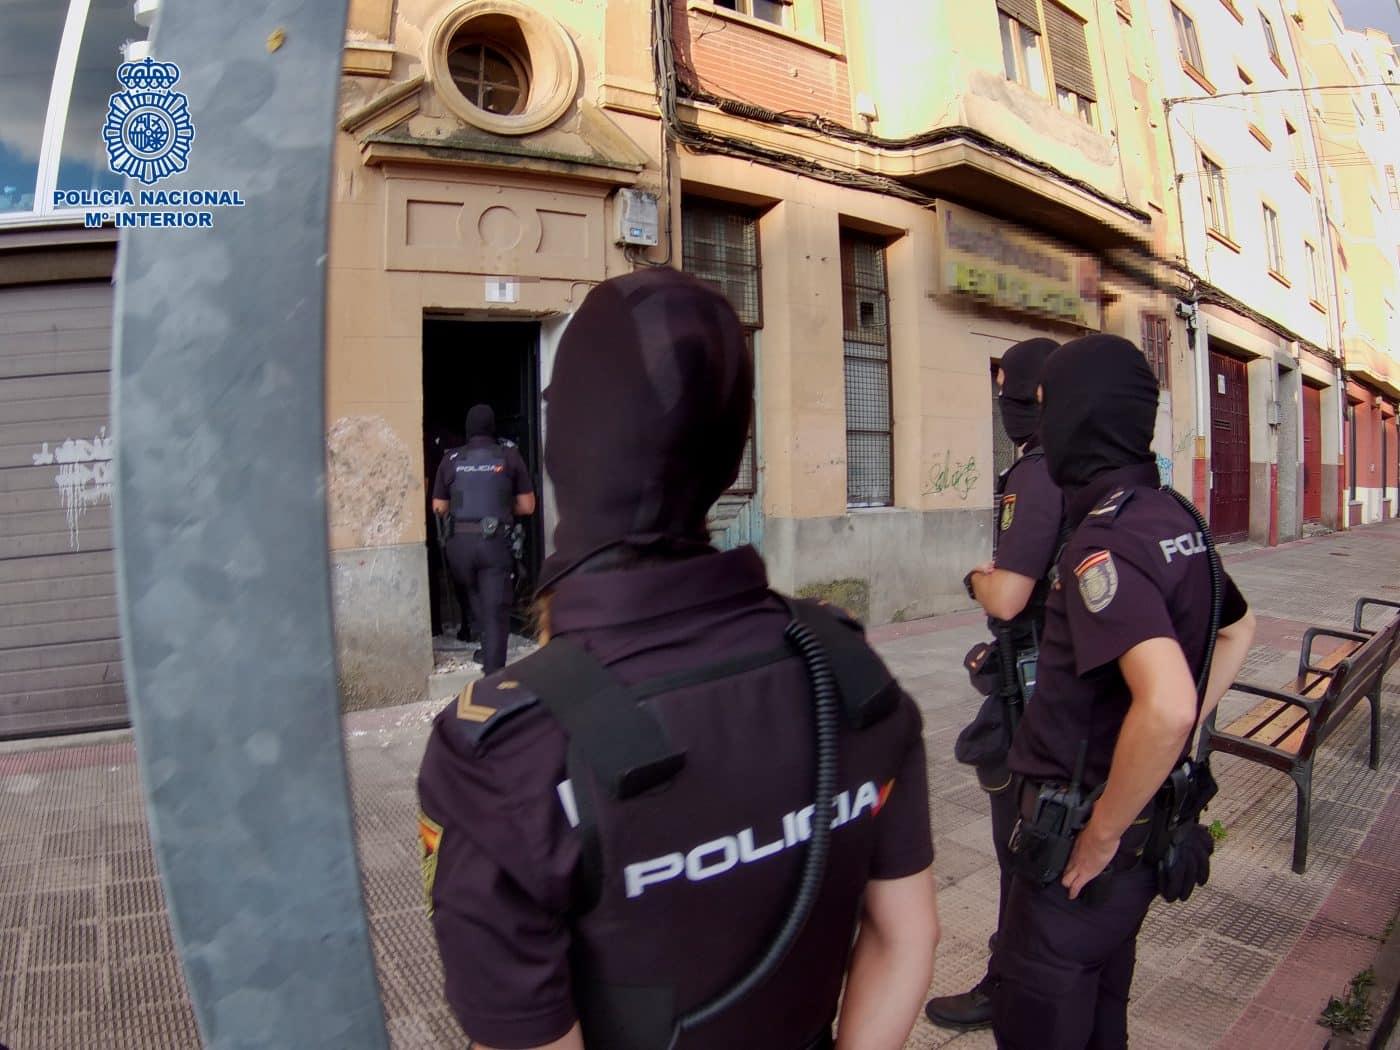 Desmantelado en Logroño un punto de venta de droga a escasos metros de dos centros educativos 2